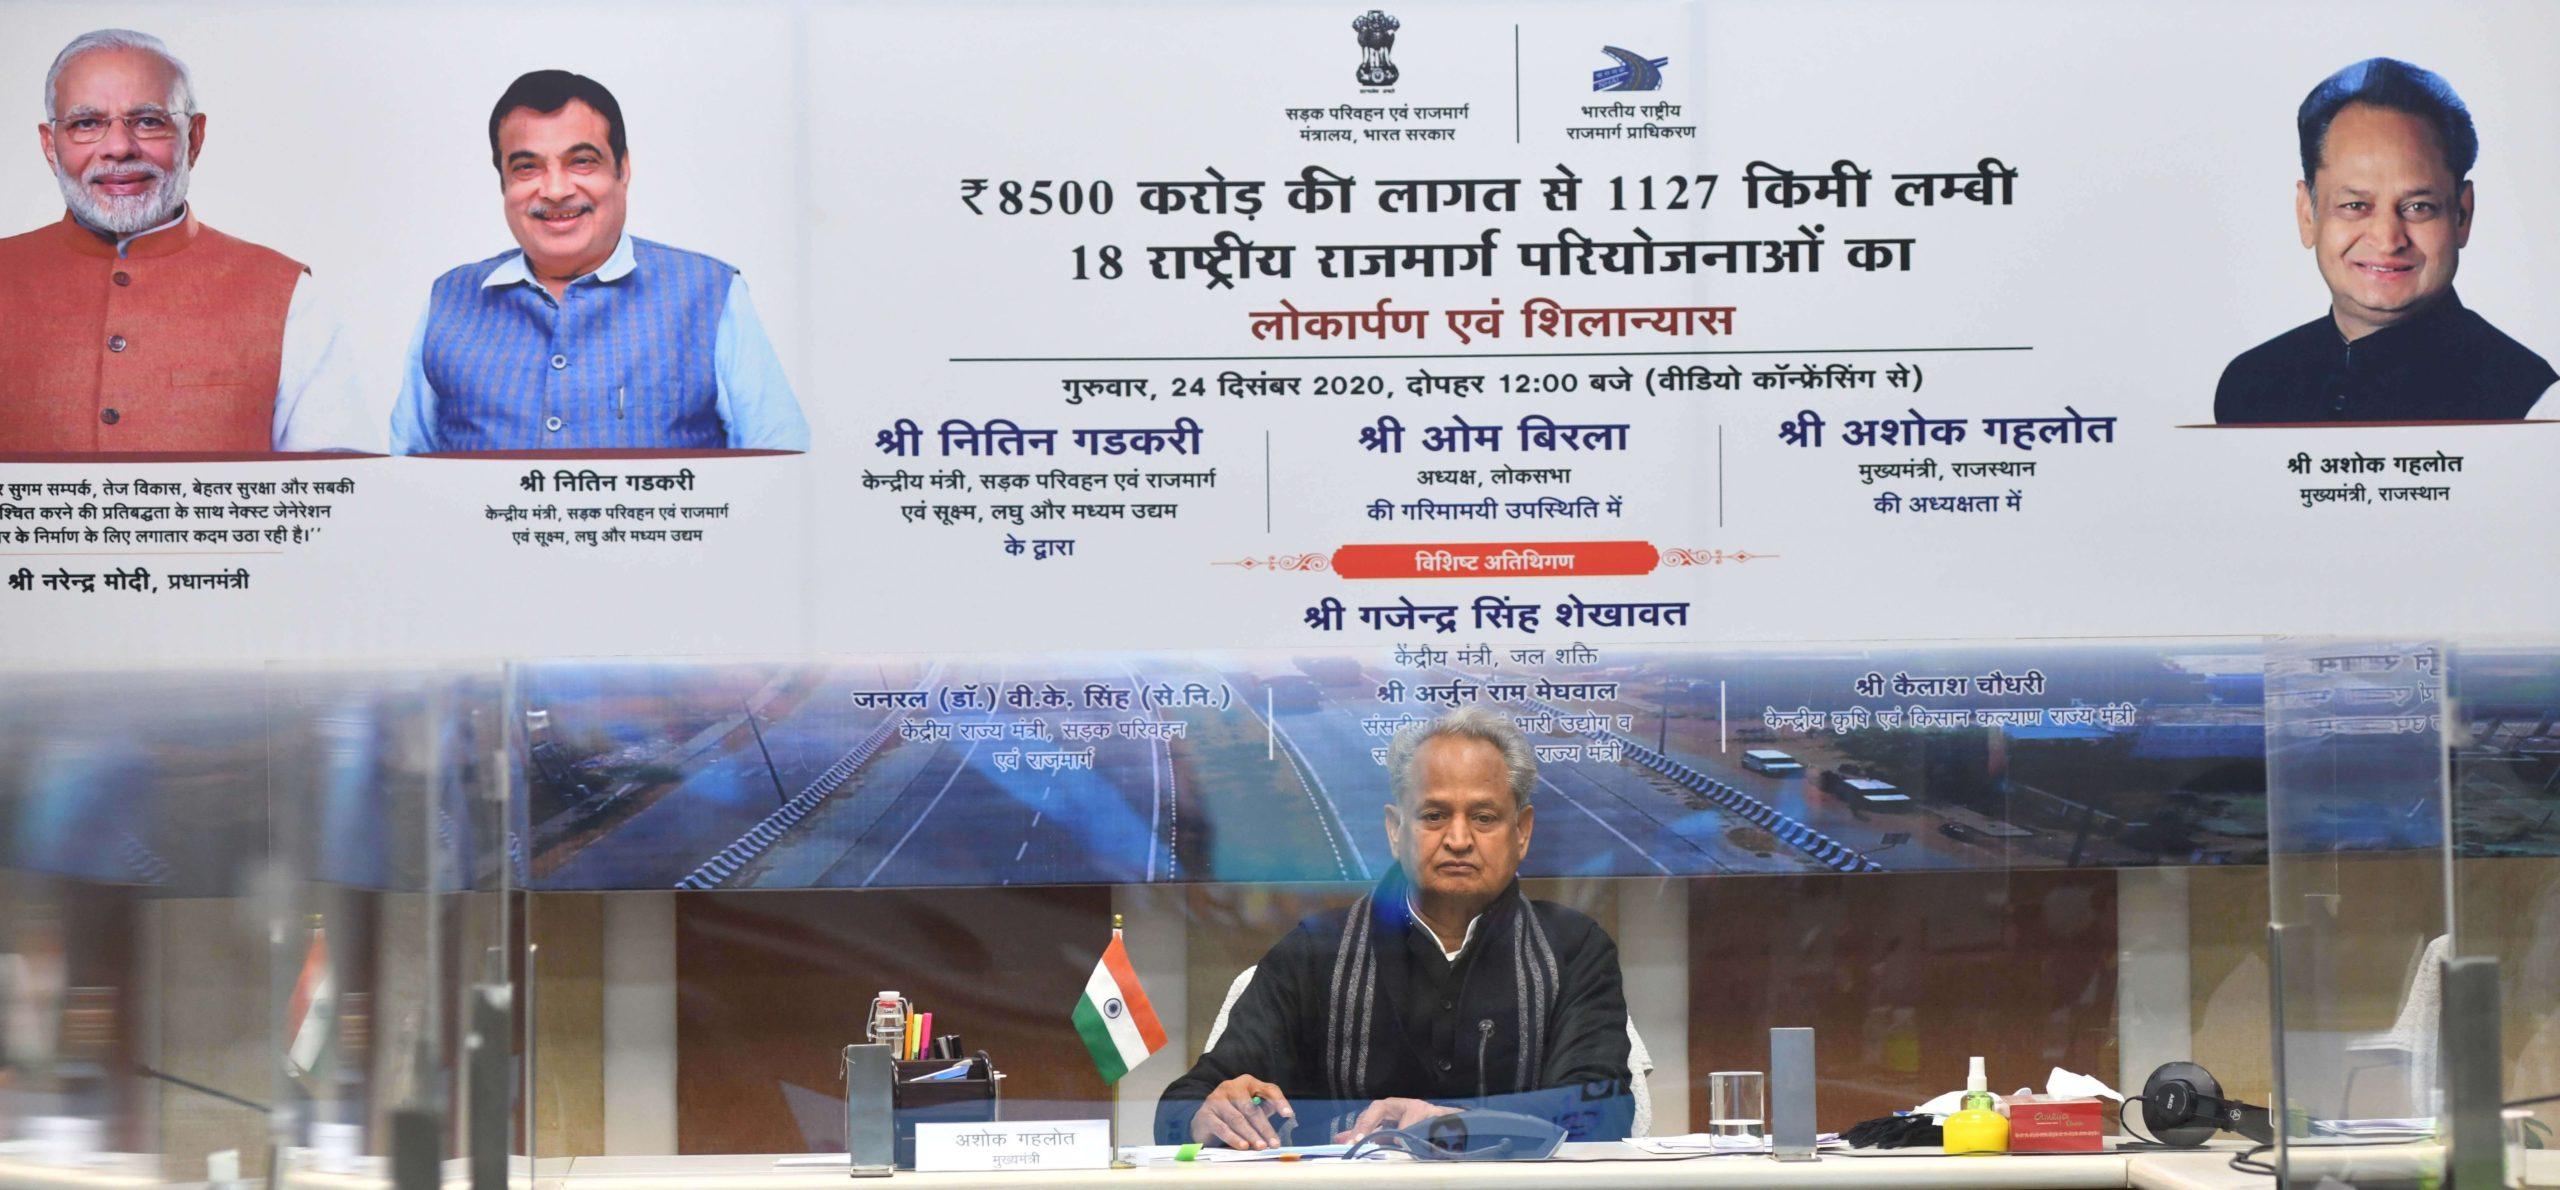 श्री नितिन गडकरी ने राजस्थान में 18 राजमार्ग परियोजनाओं का शुभारम्भ और शिलान्यास किया